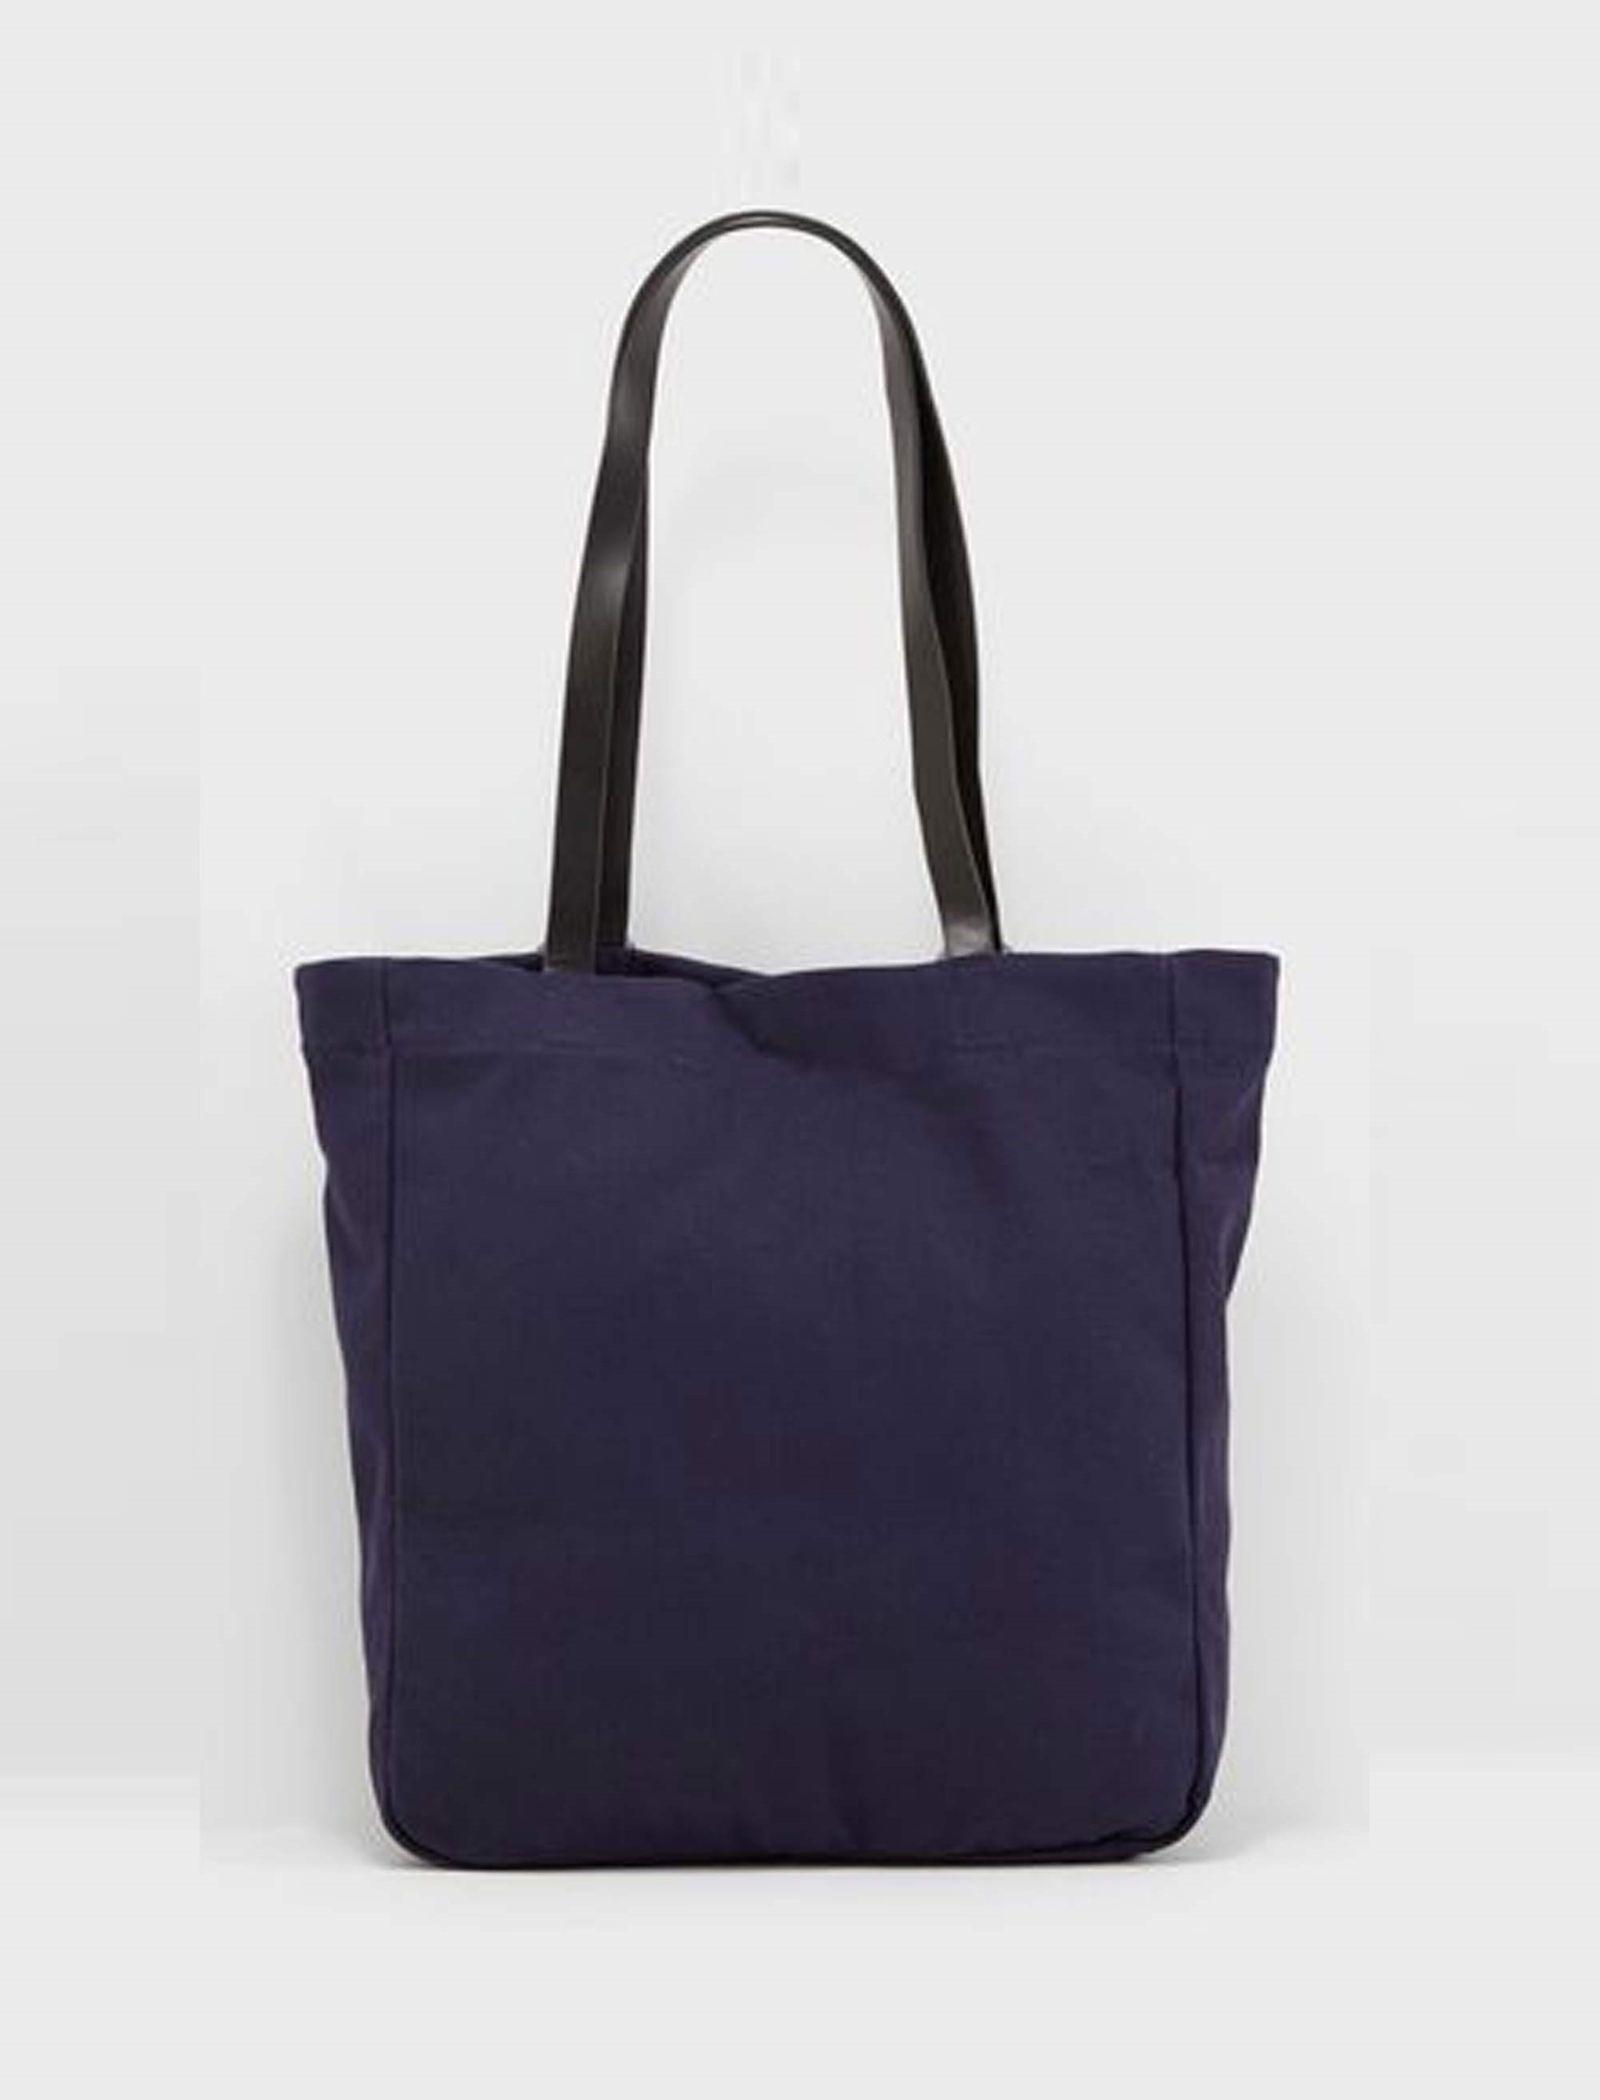 کیف دوشی روزمره زنانه - سوپردرای - سرمه اي  - 2